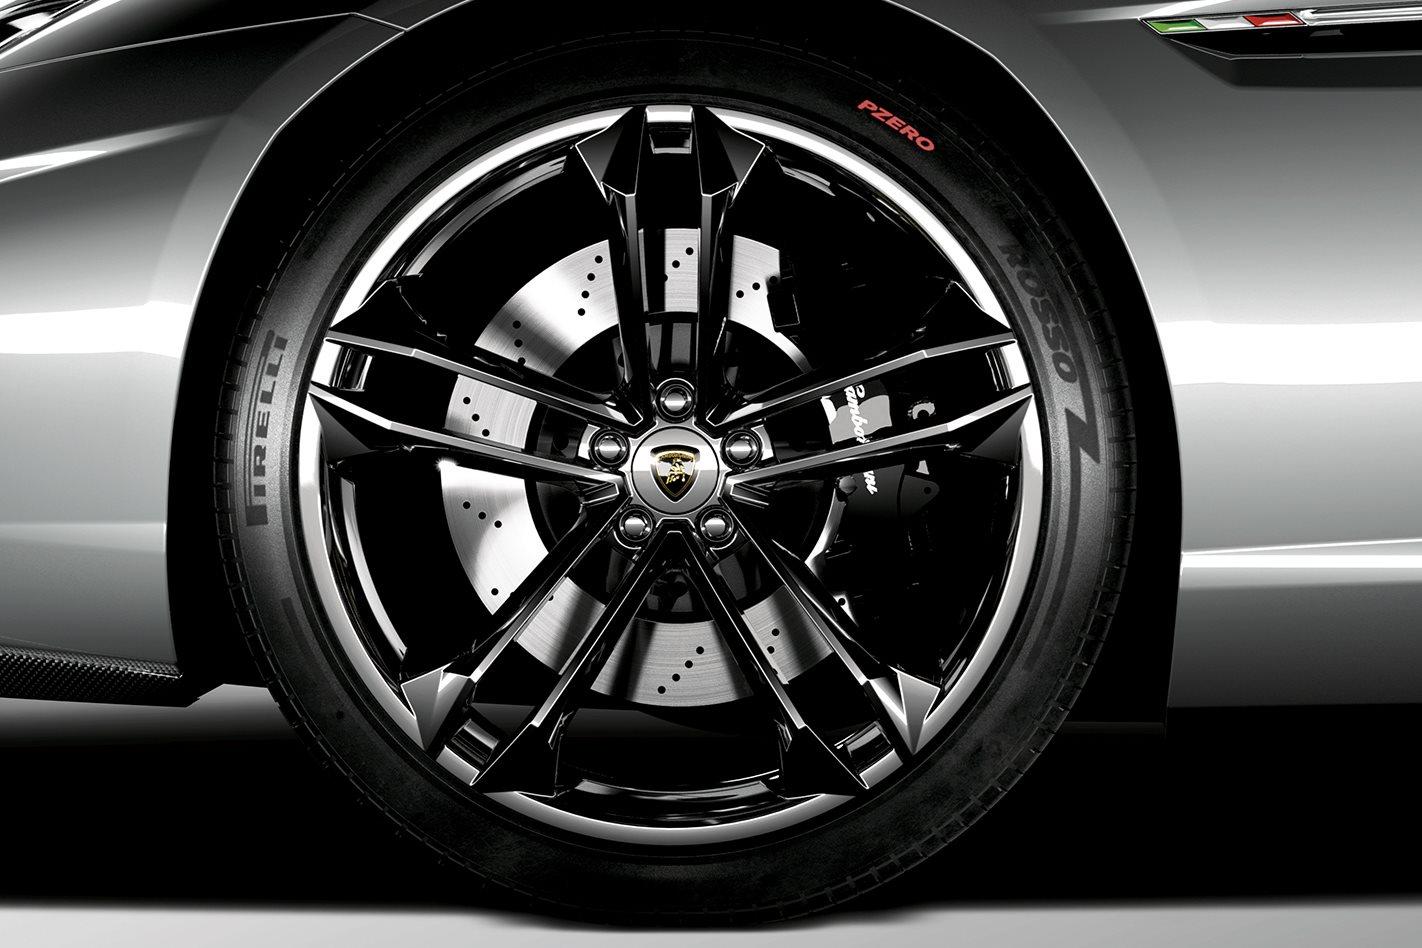 Lamborghini-Estoque-wheels.jpg